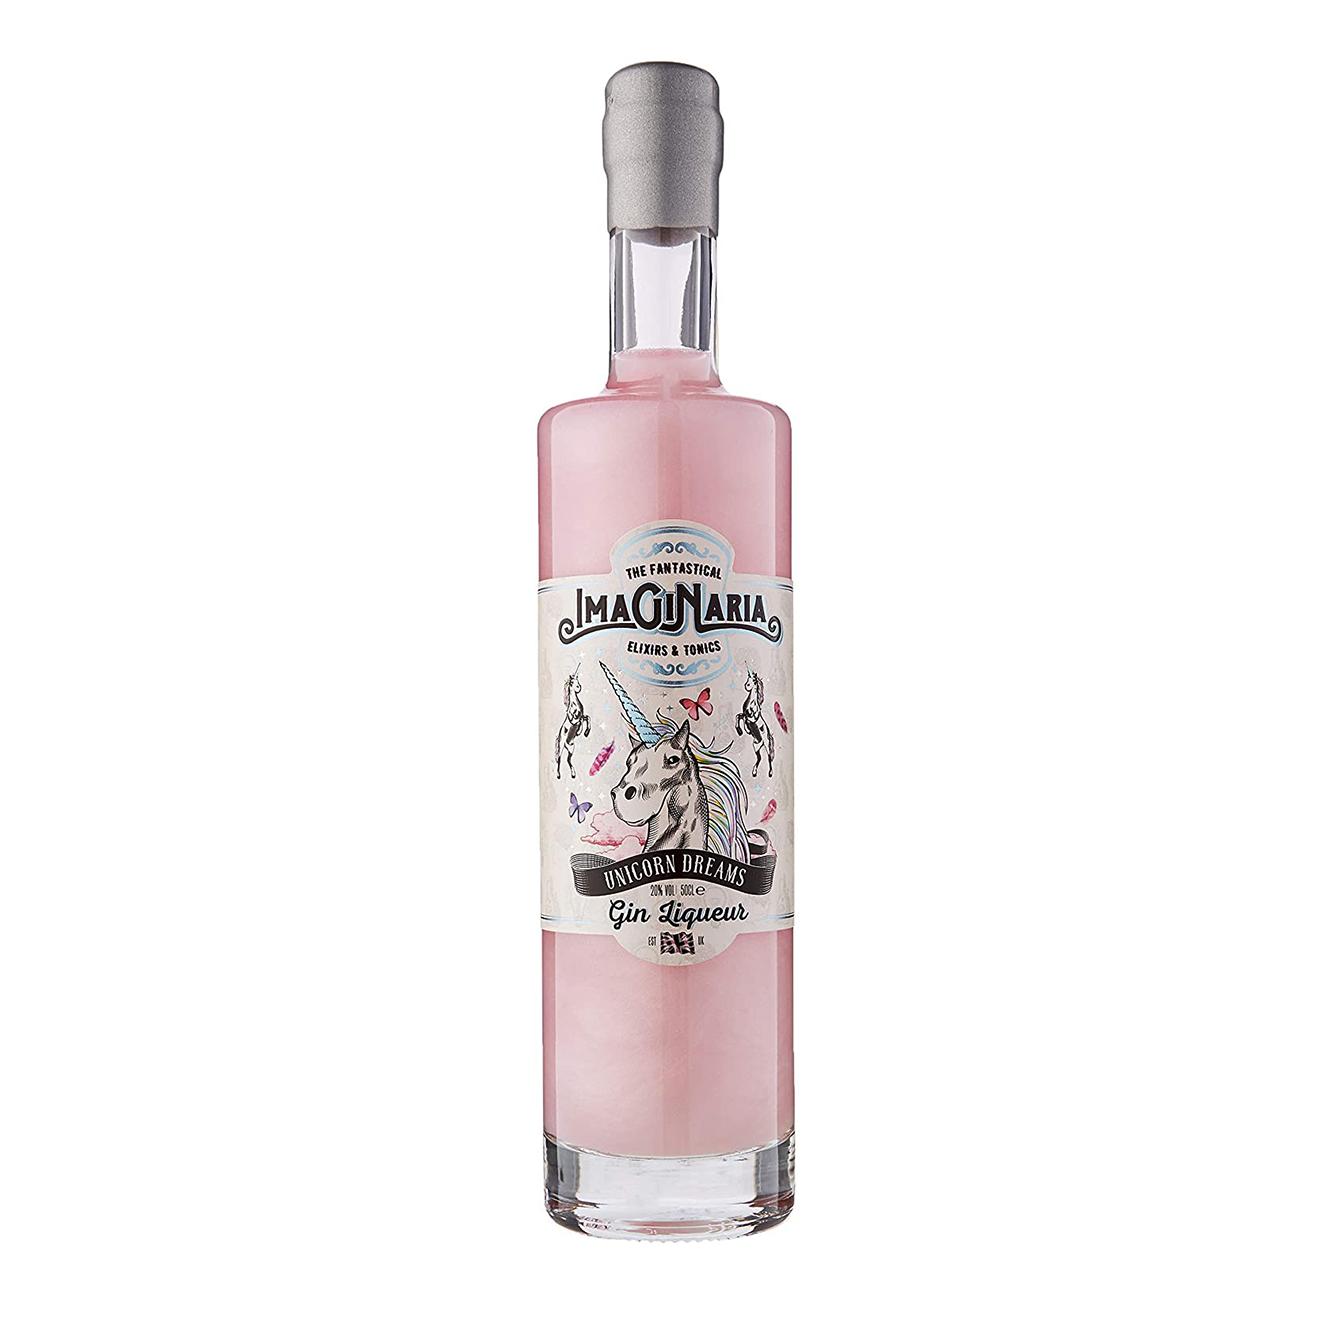 Imaginaria Unicorn Dreams Marshmallow Gin Liqueur